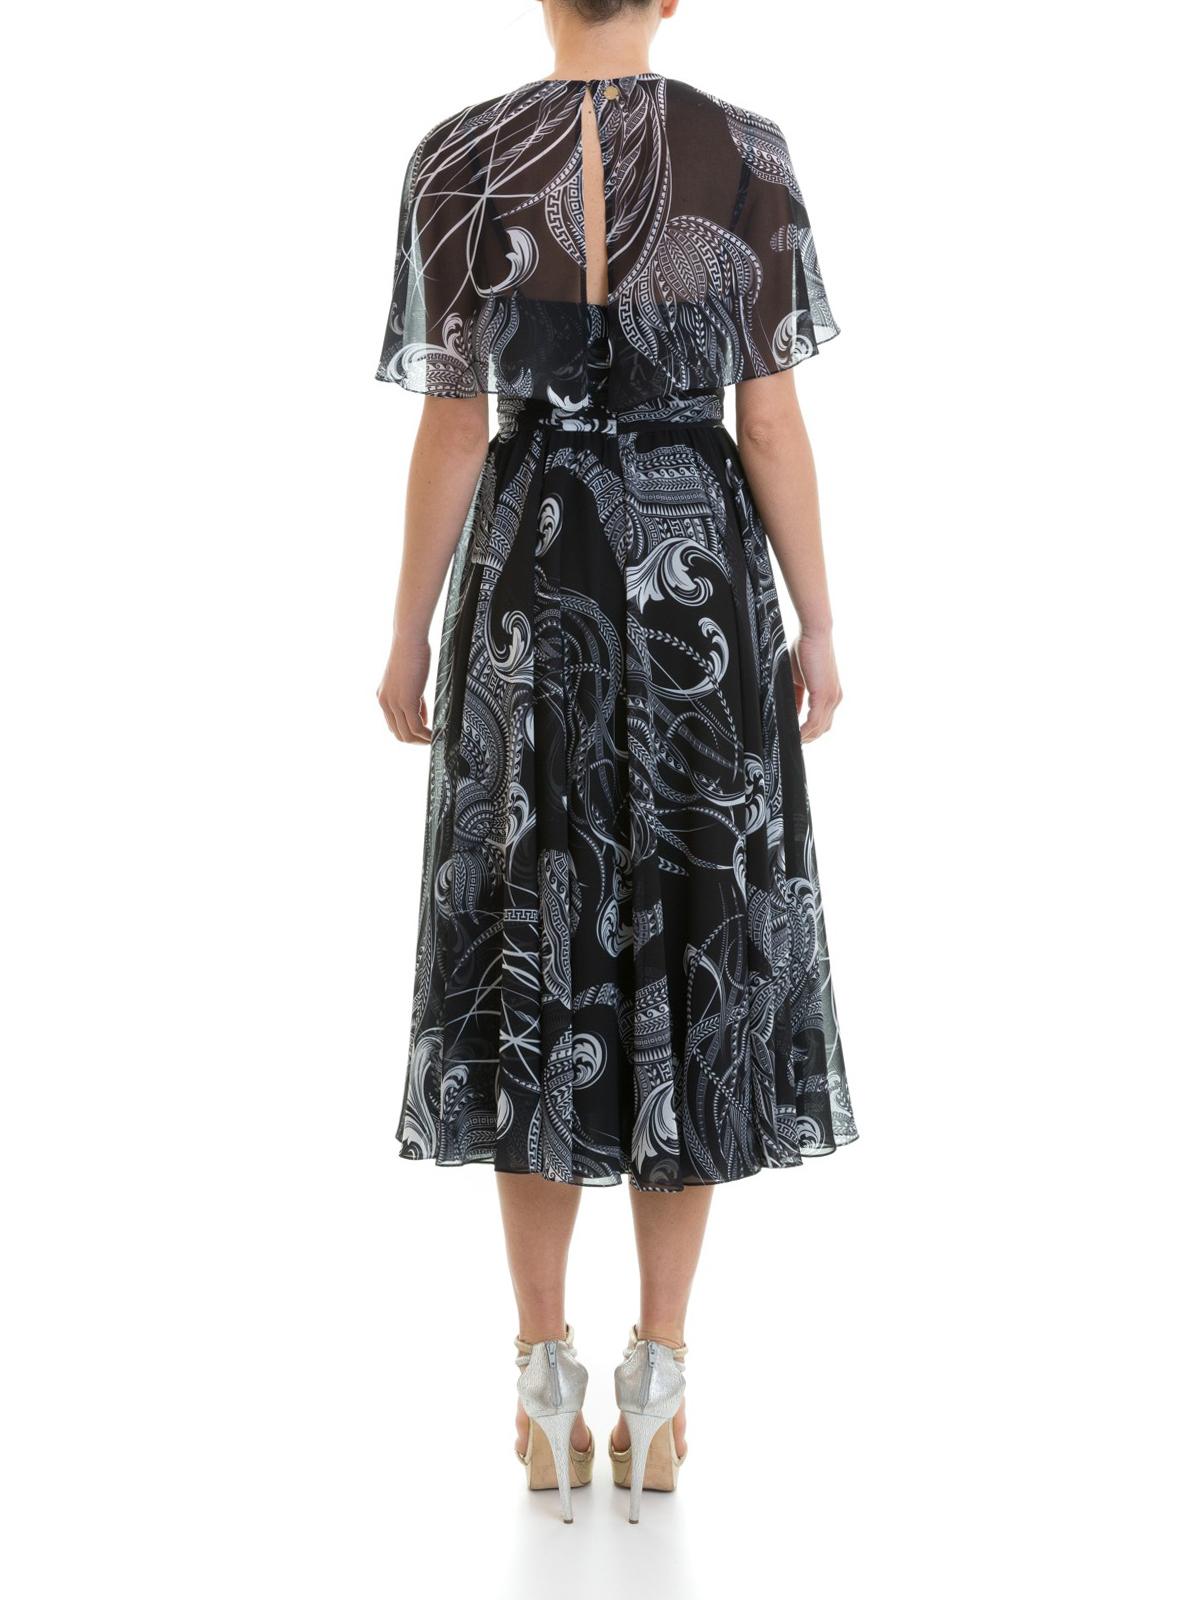 Midi Abito Abiti Collection Stampa Iconica Lunghi Versace Con 0OPknw